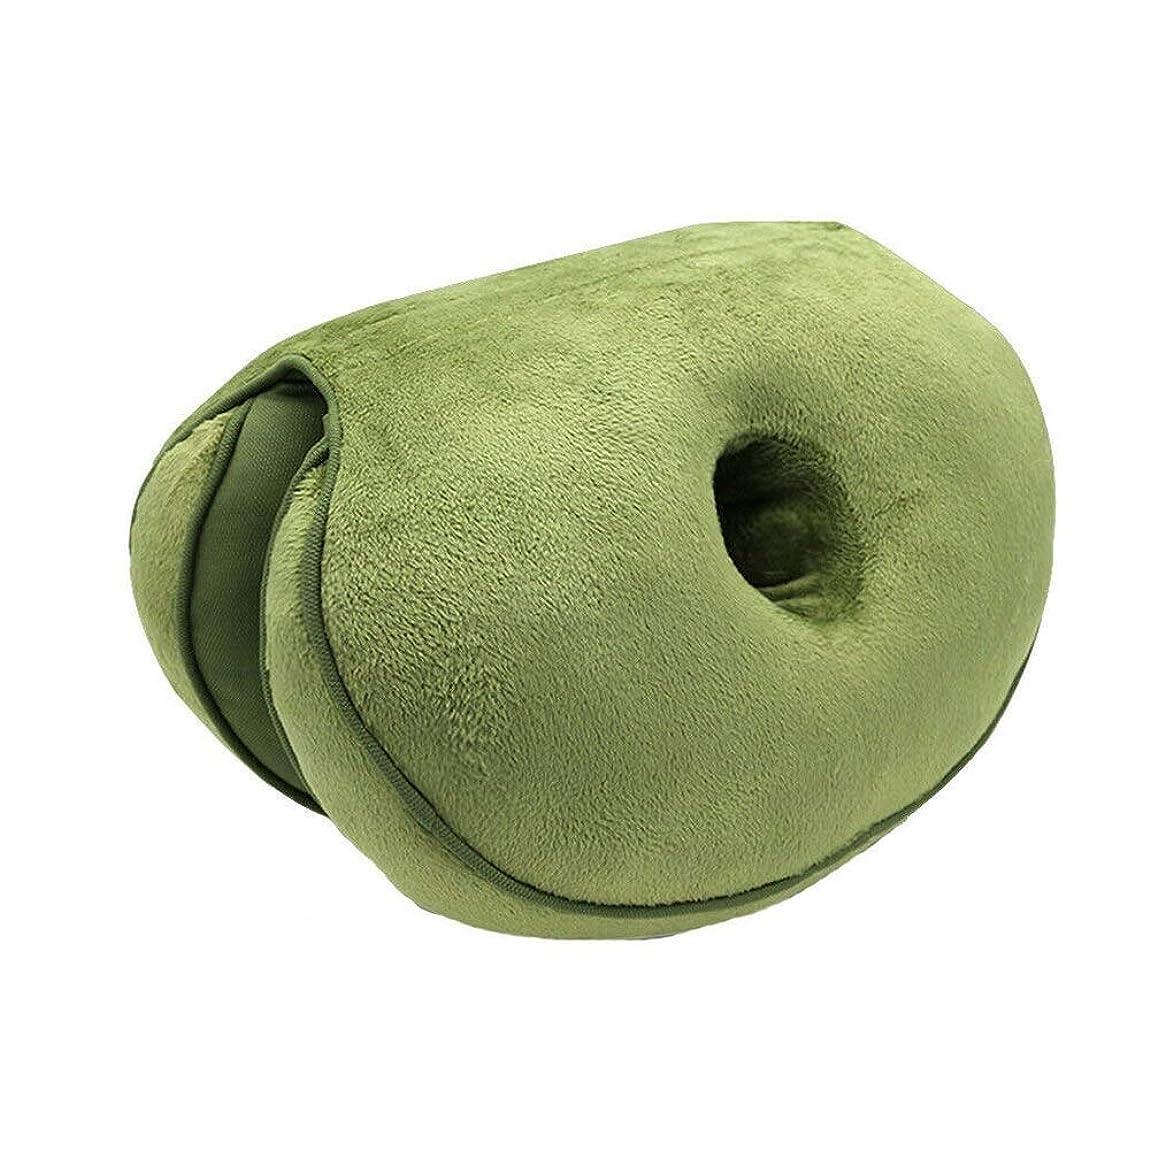 マディソン事業内容交換LIFE 新デュアルシートクッション低反発ラテックスオフィスチェアバックシートクッション快適な臀部マットパッド枕旅行枕女性女の子 クッション 椅子